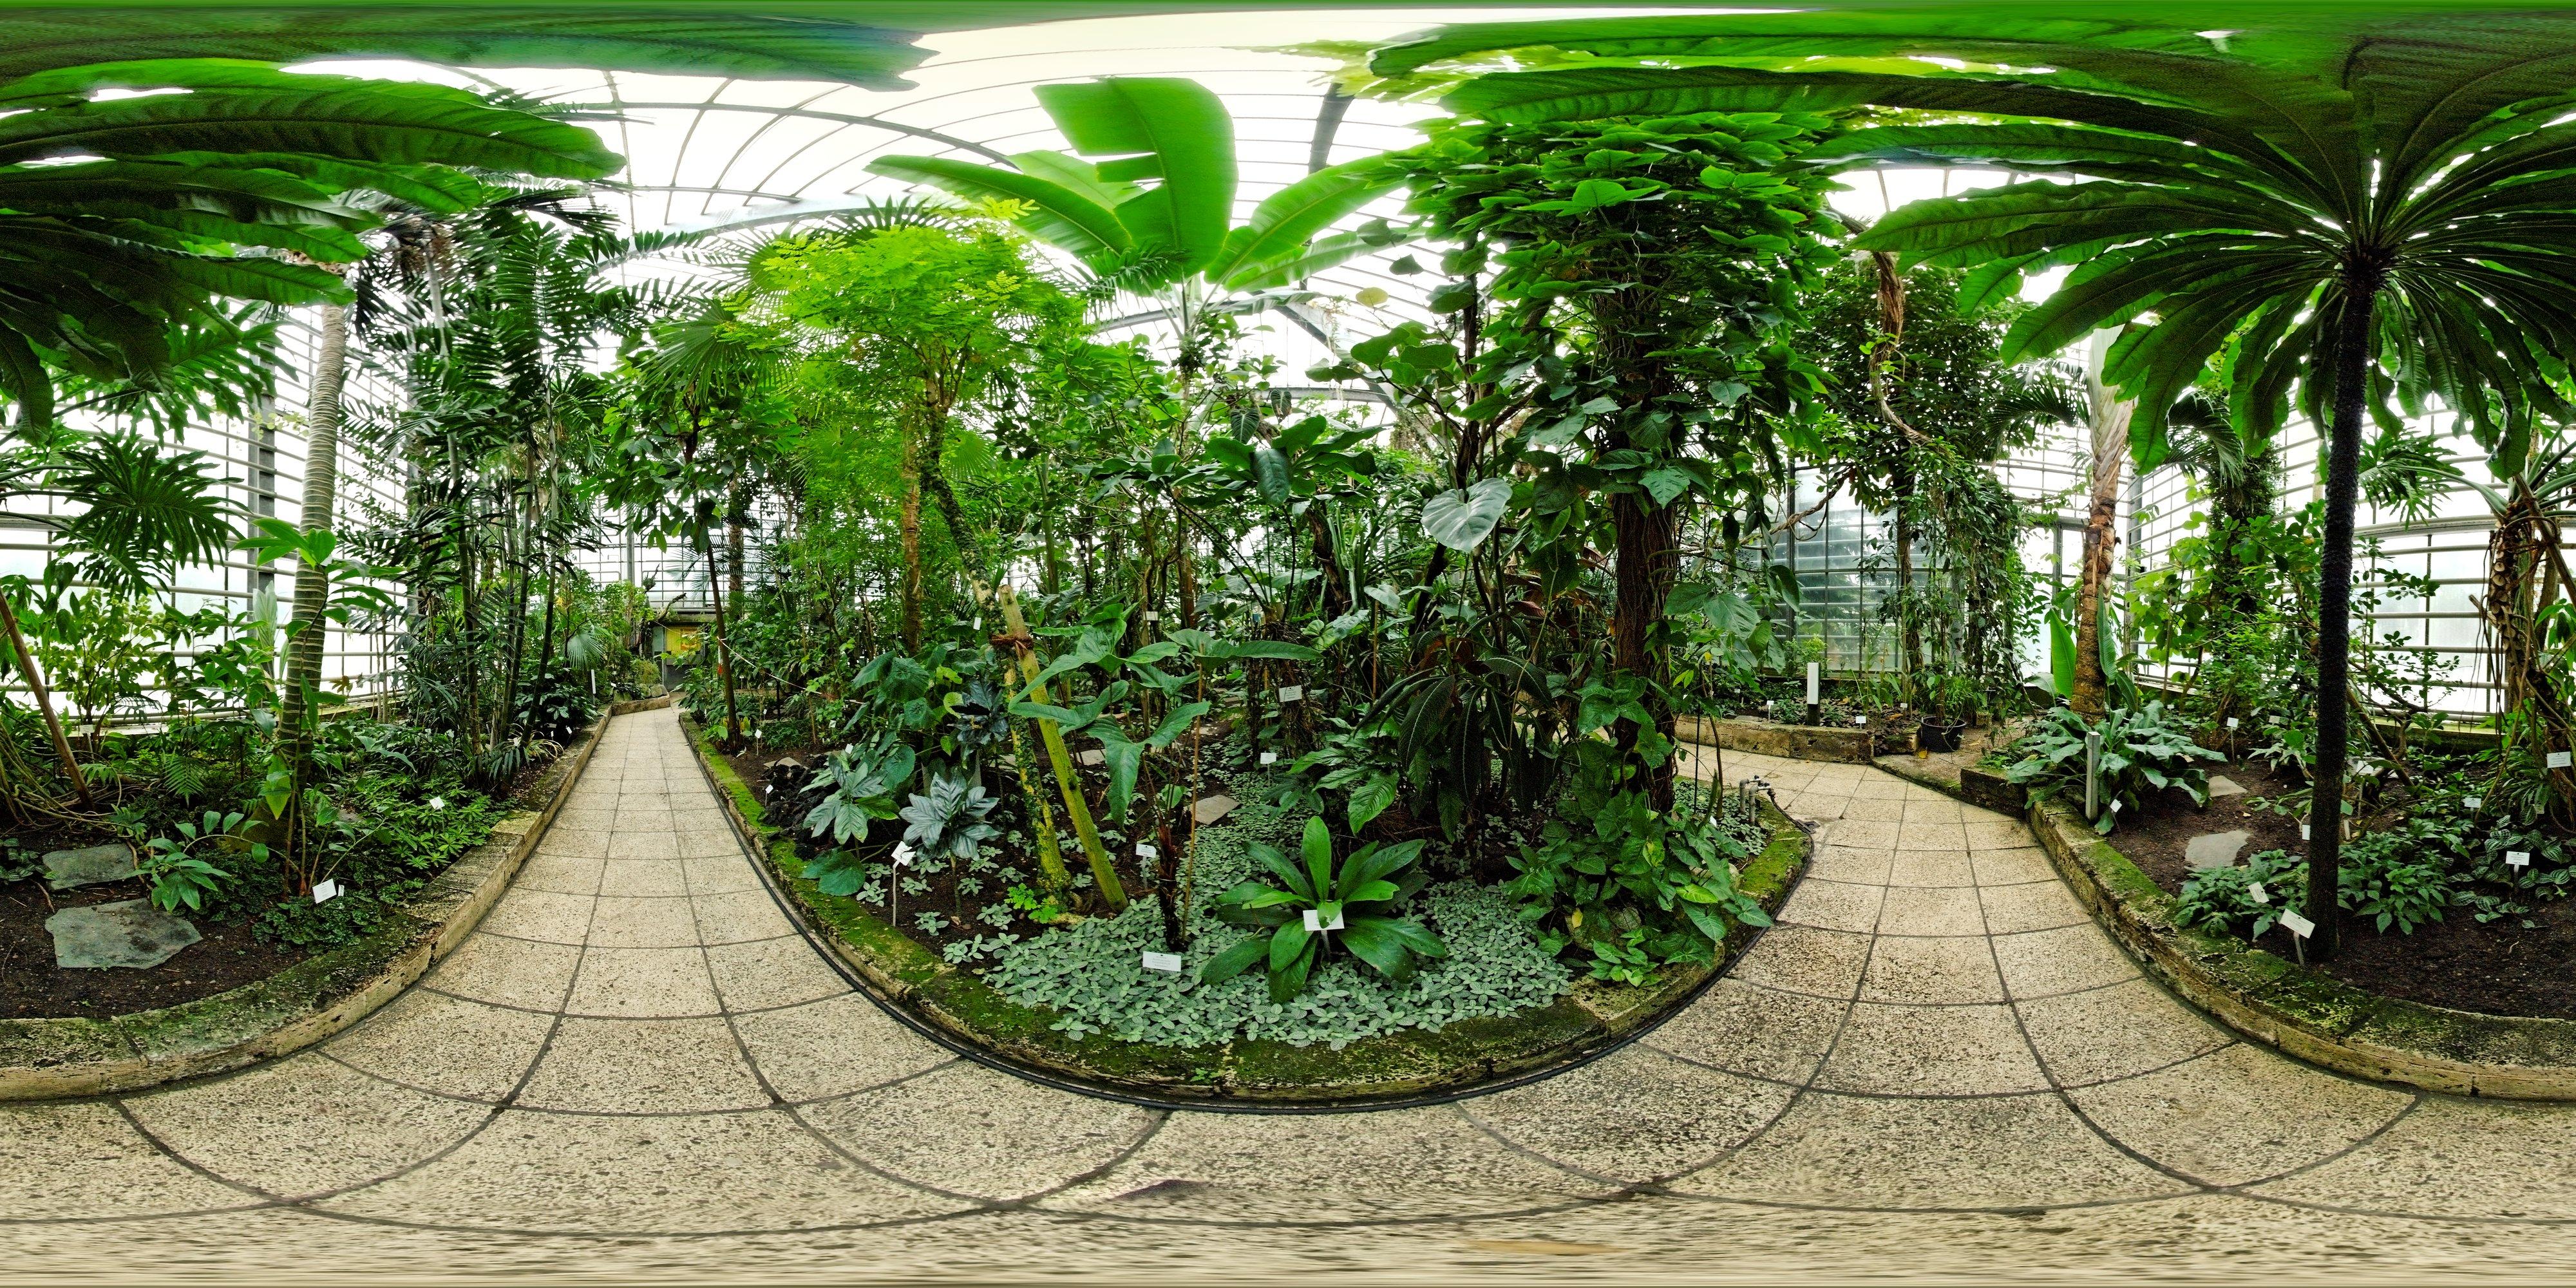 freiburg, germany - botanischer garten | favorite places, Garten und erstellen